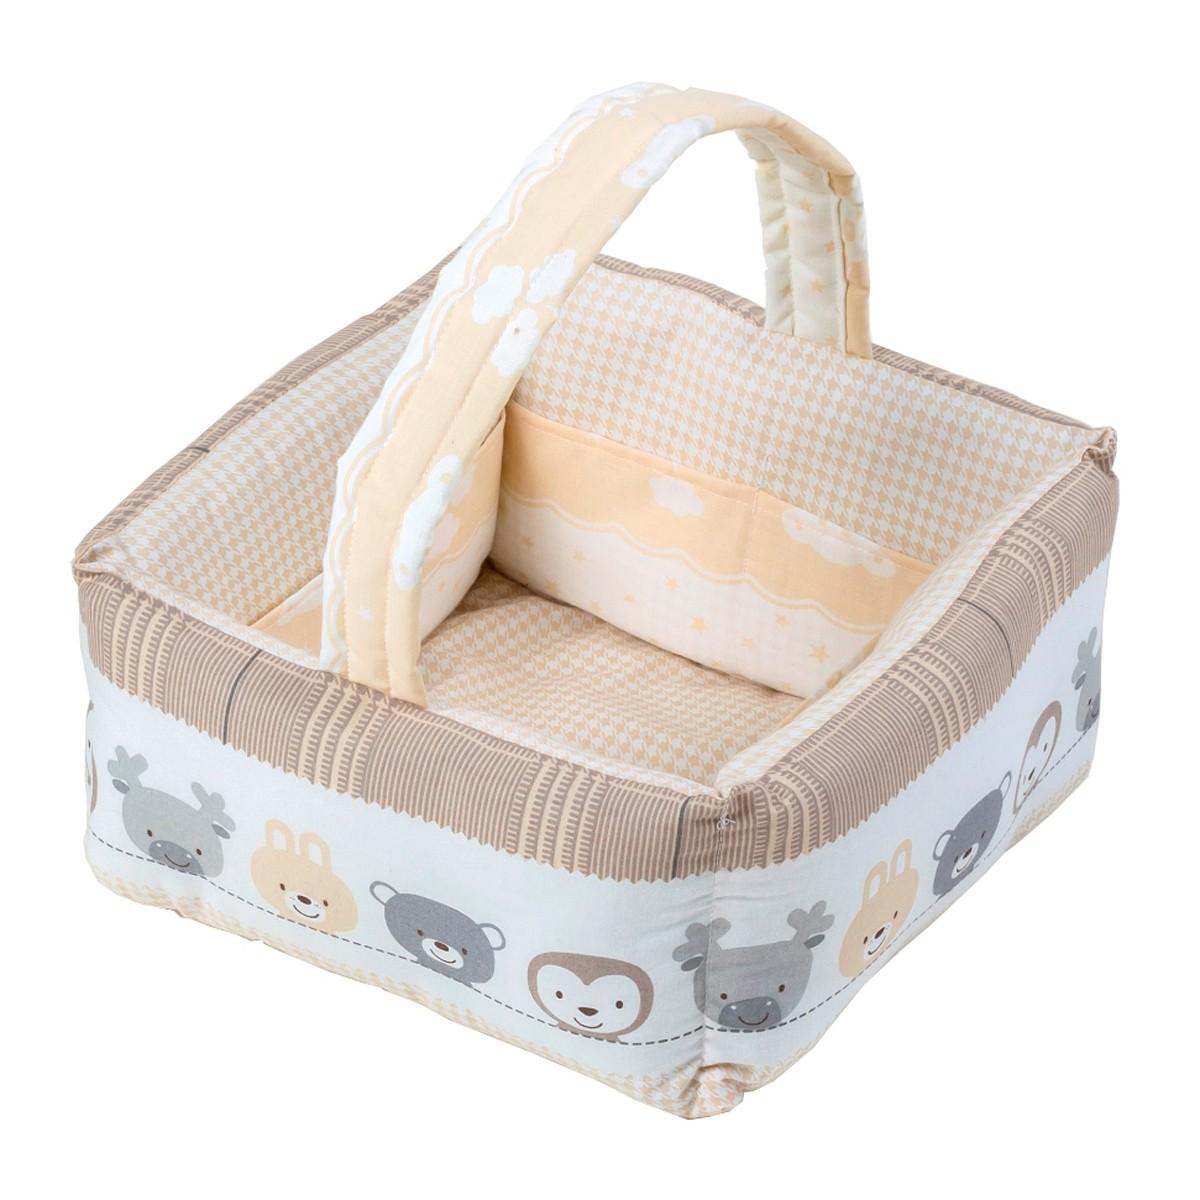 Καλαθάκι Καλλυντικών Κόσμος Του Μωρού Hug 0684 Μπεζ